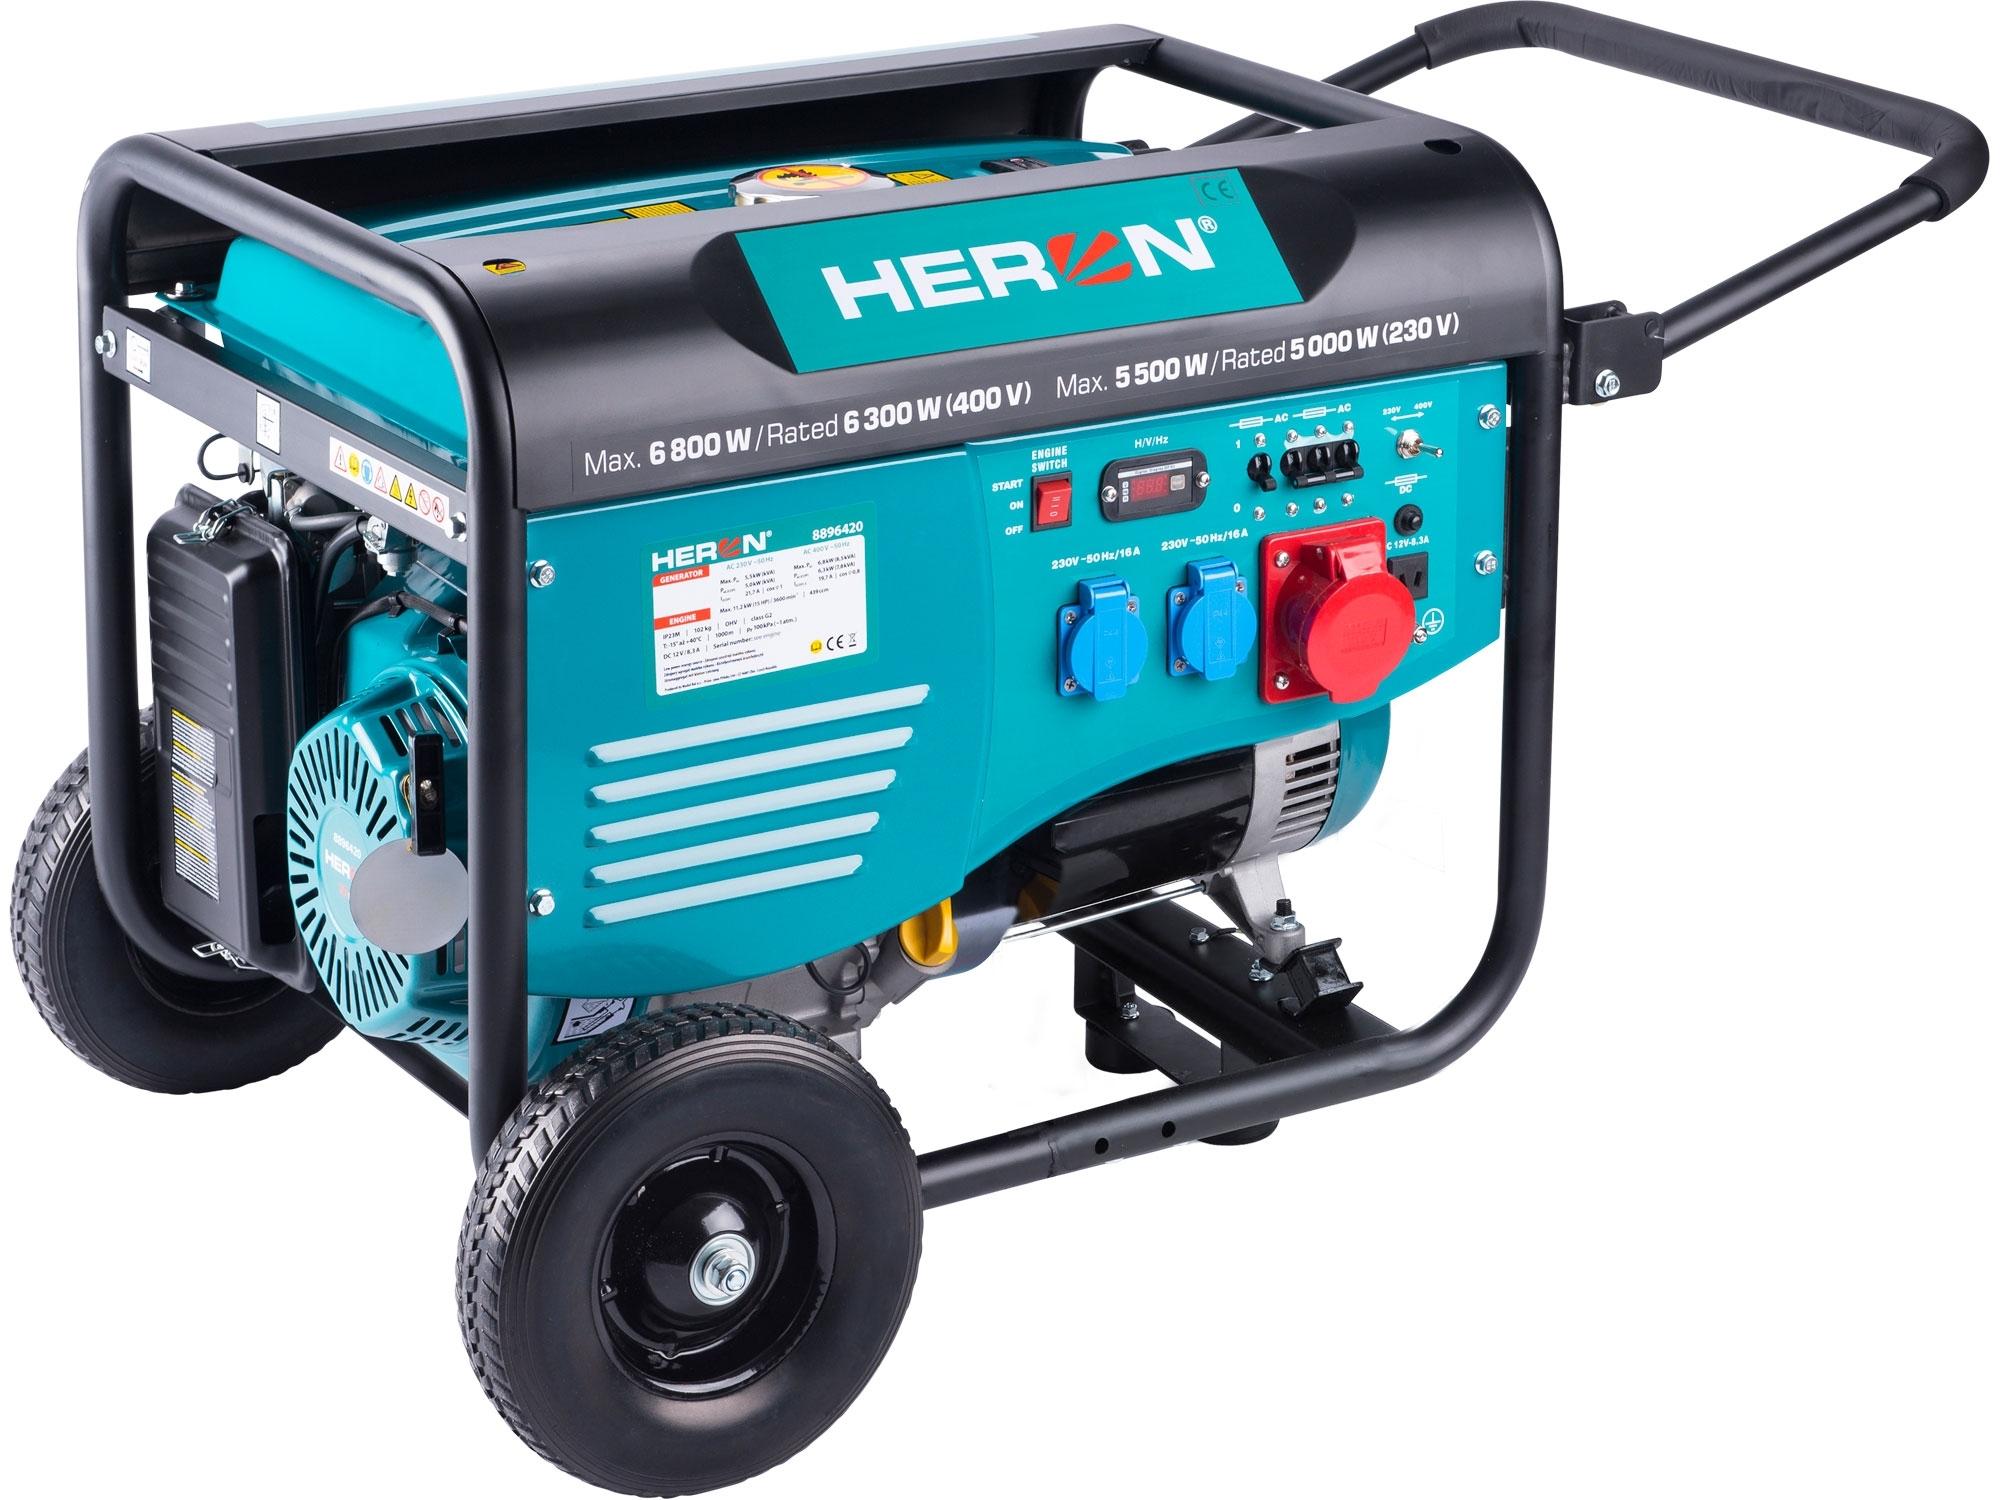 elektrocentrála benzínová 15HP/6,8kW (400V), 5,5kW (230V), podvozek